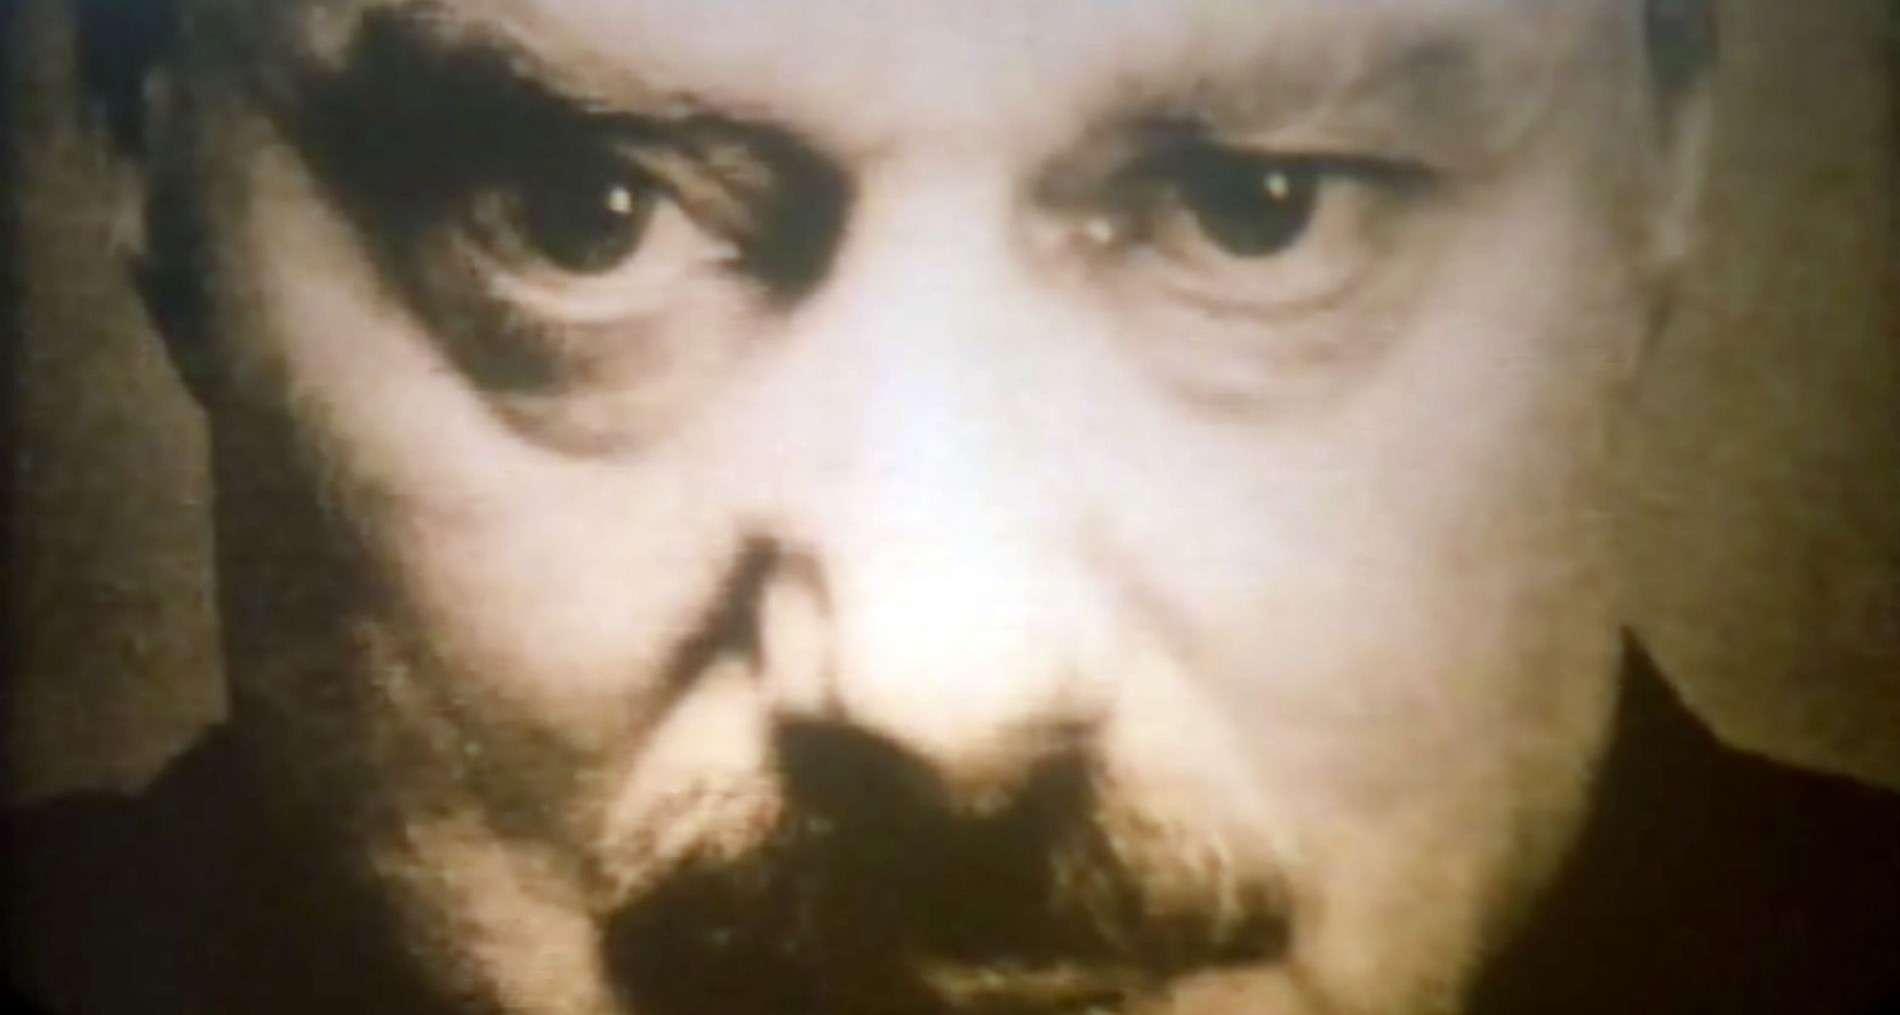 El Gran Hermano caracterizado en la película 1984, basada en la novela de George Orwell